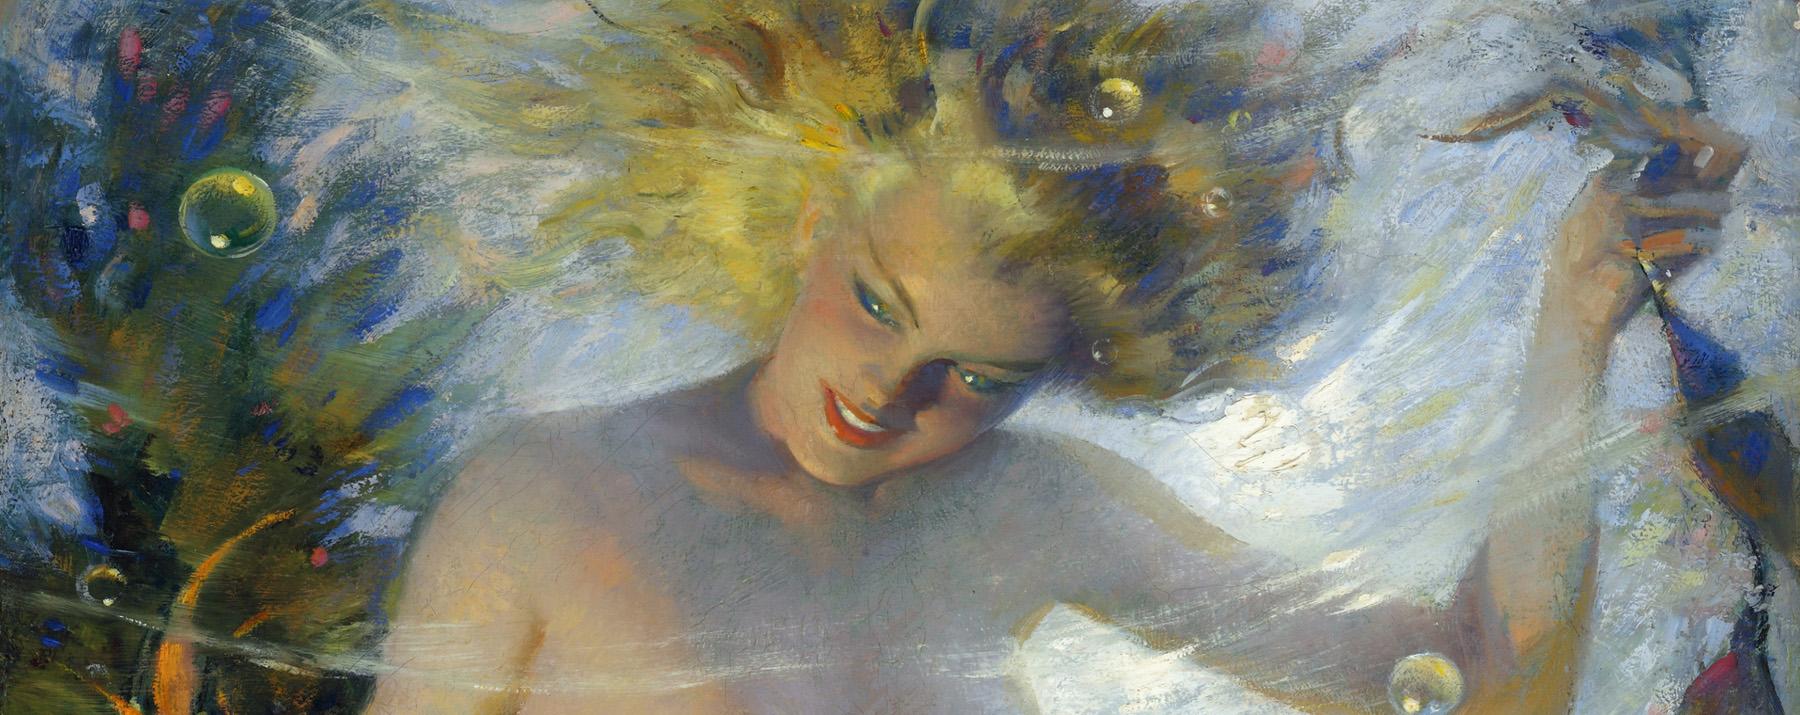 Andrew Loomis  - Underwater Fantasies